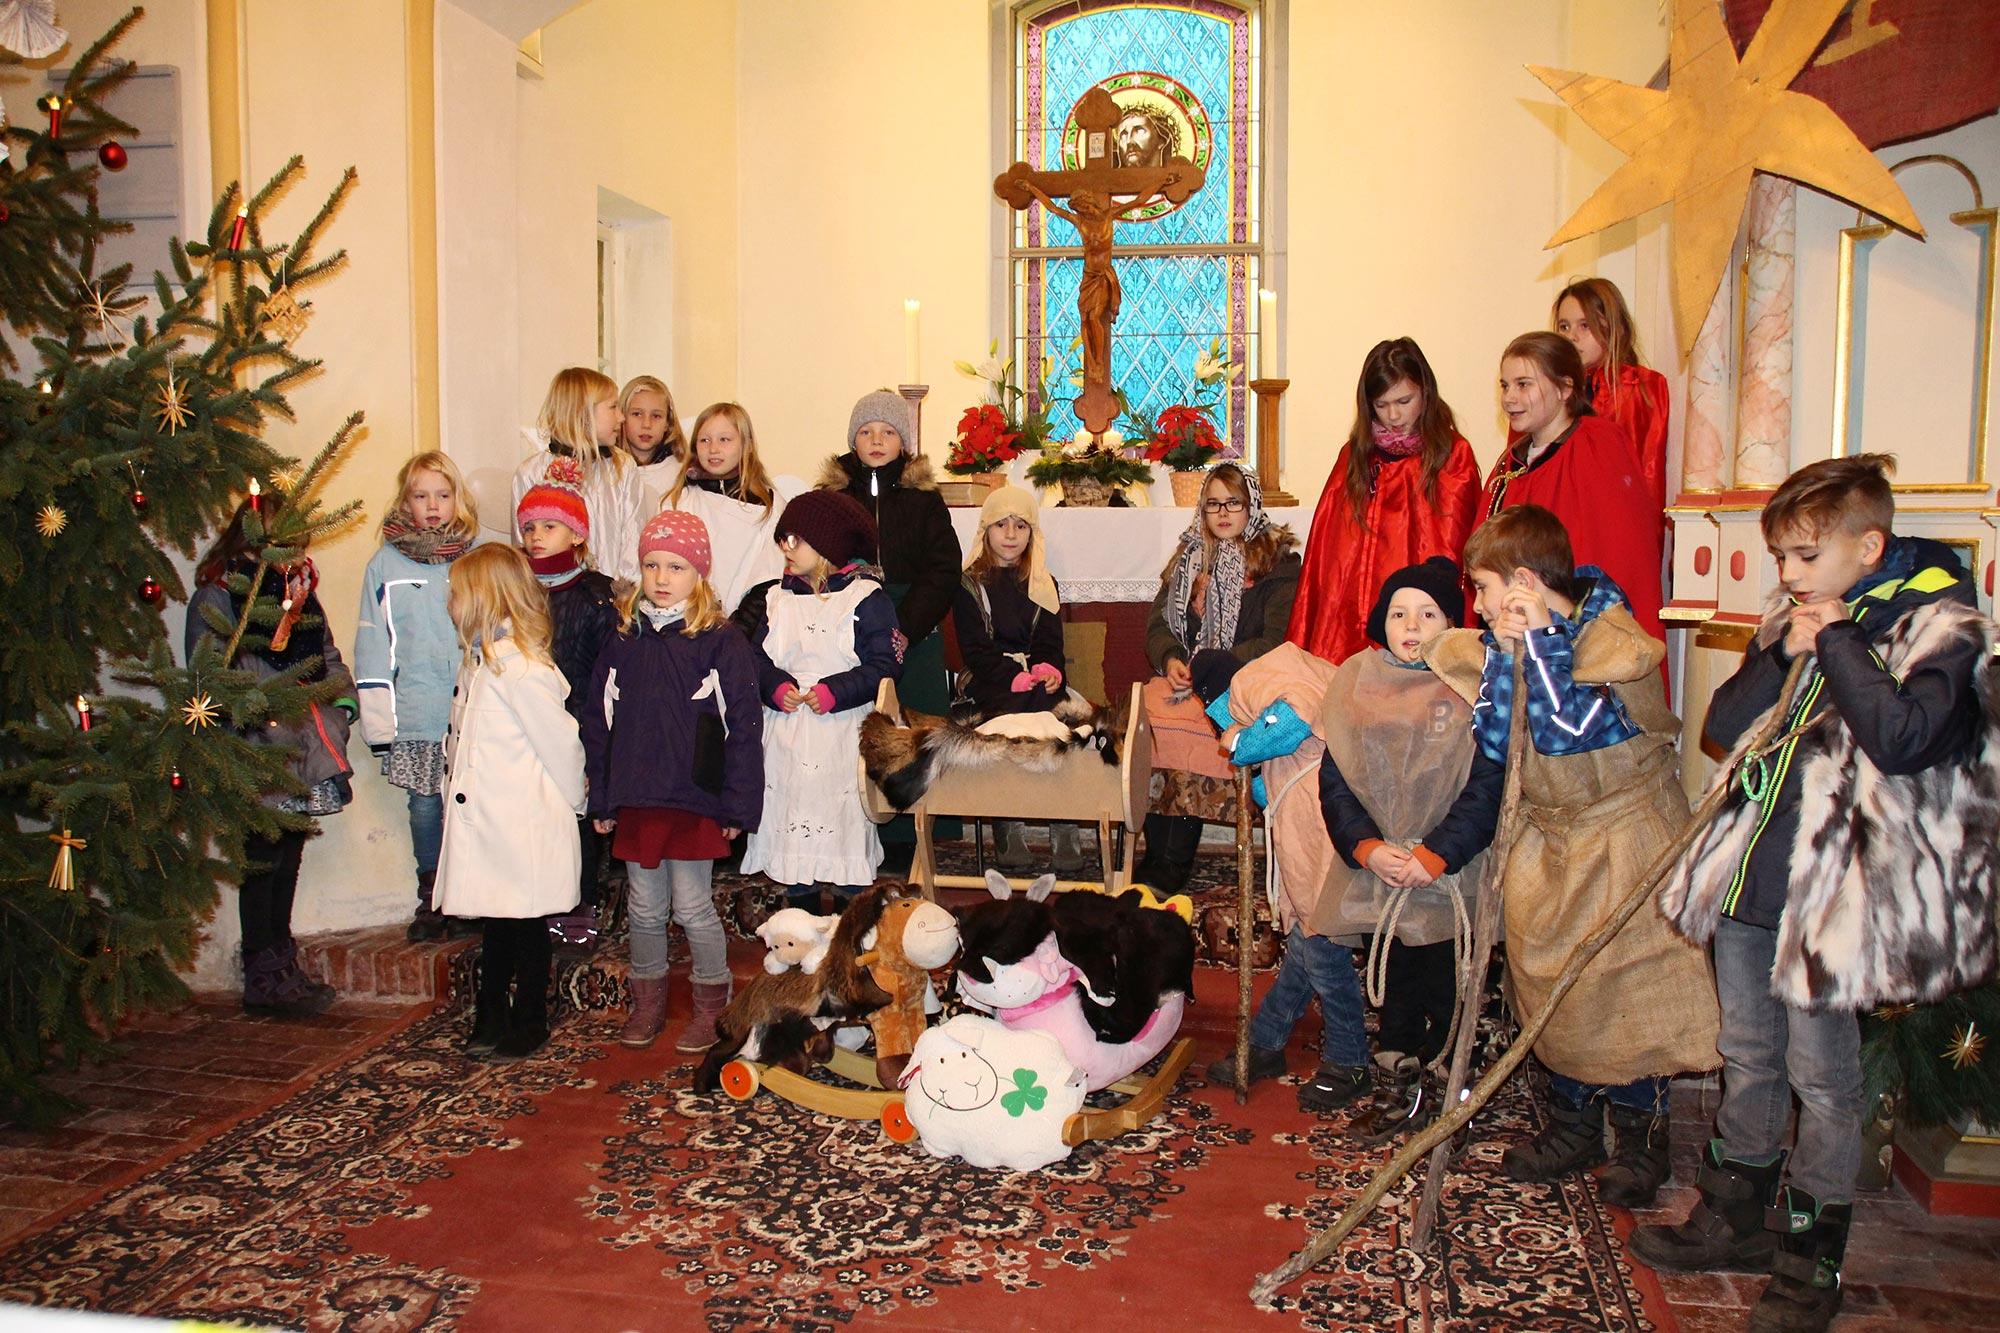 Der Heiland war an Heilig Abend im Pfarrbereich Brück - Weihnachten 2017